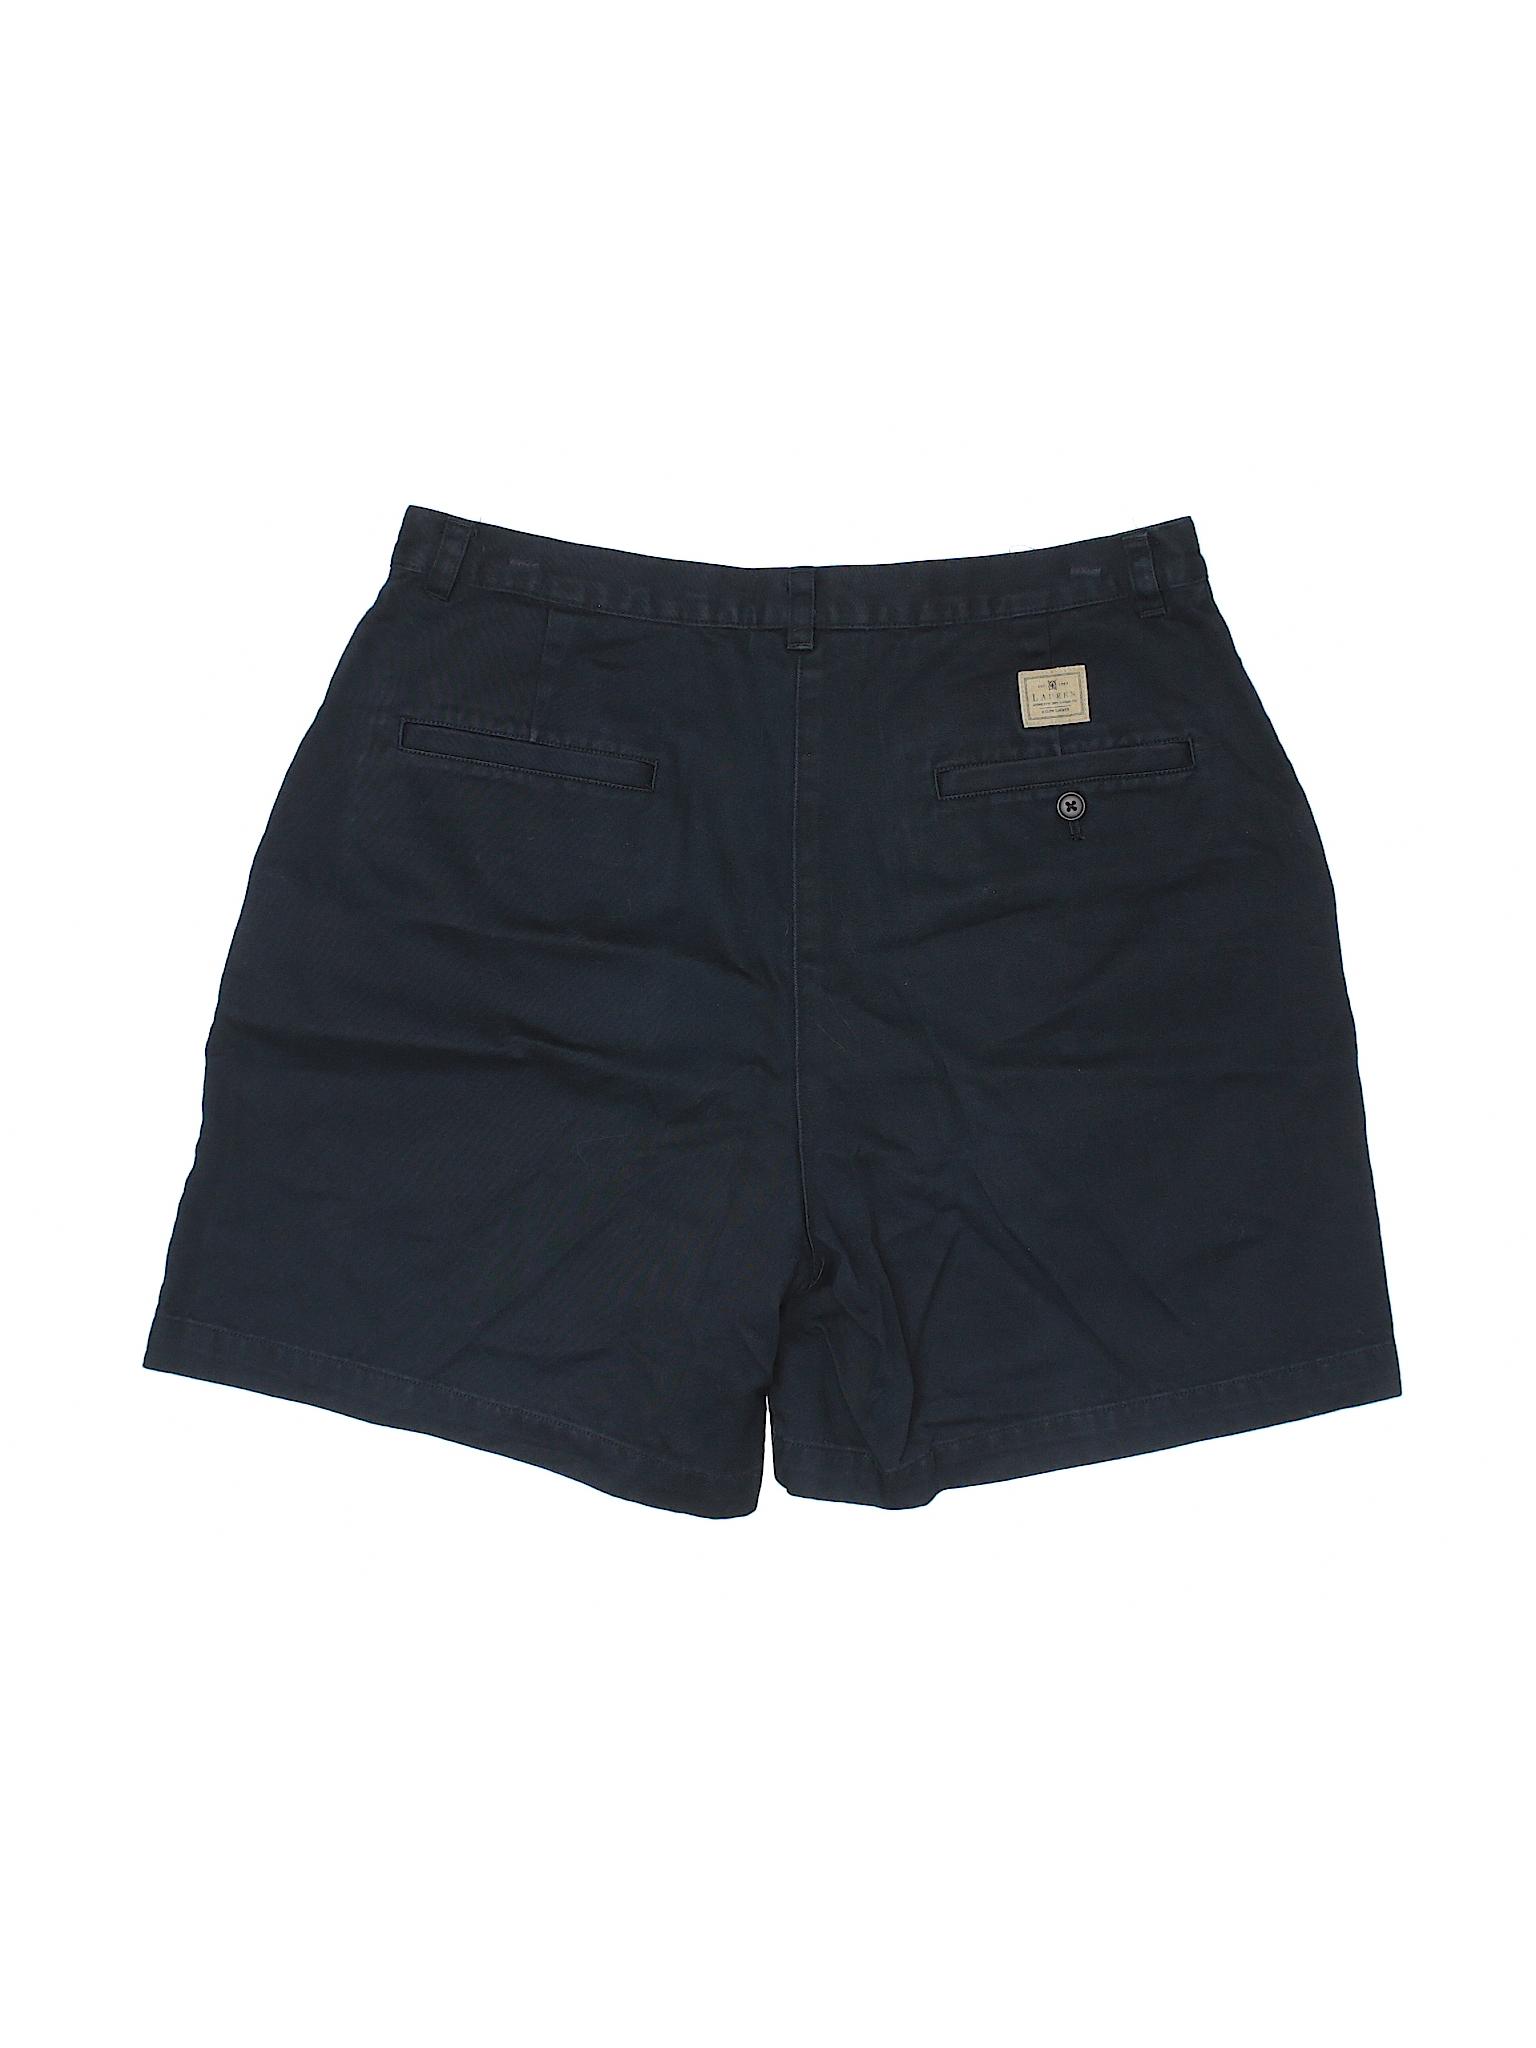 Khaki Boutique Lauren Ralph Ralph Boutique Lauren Ralph Khaki Khaki Shorts Shorts Shorts Lauren Boutique rZHrt